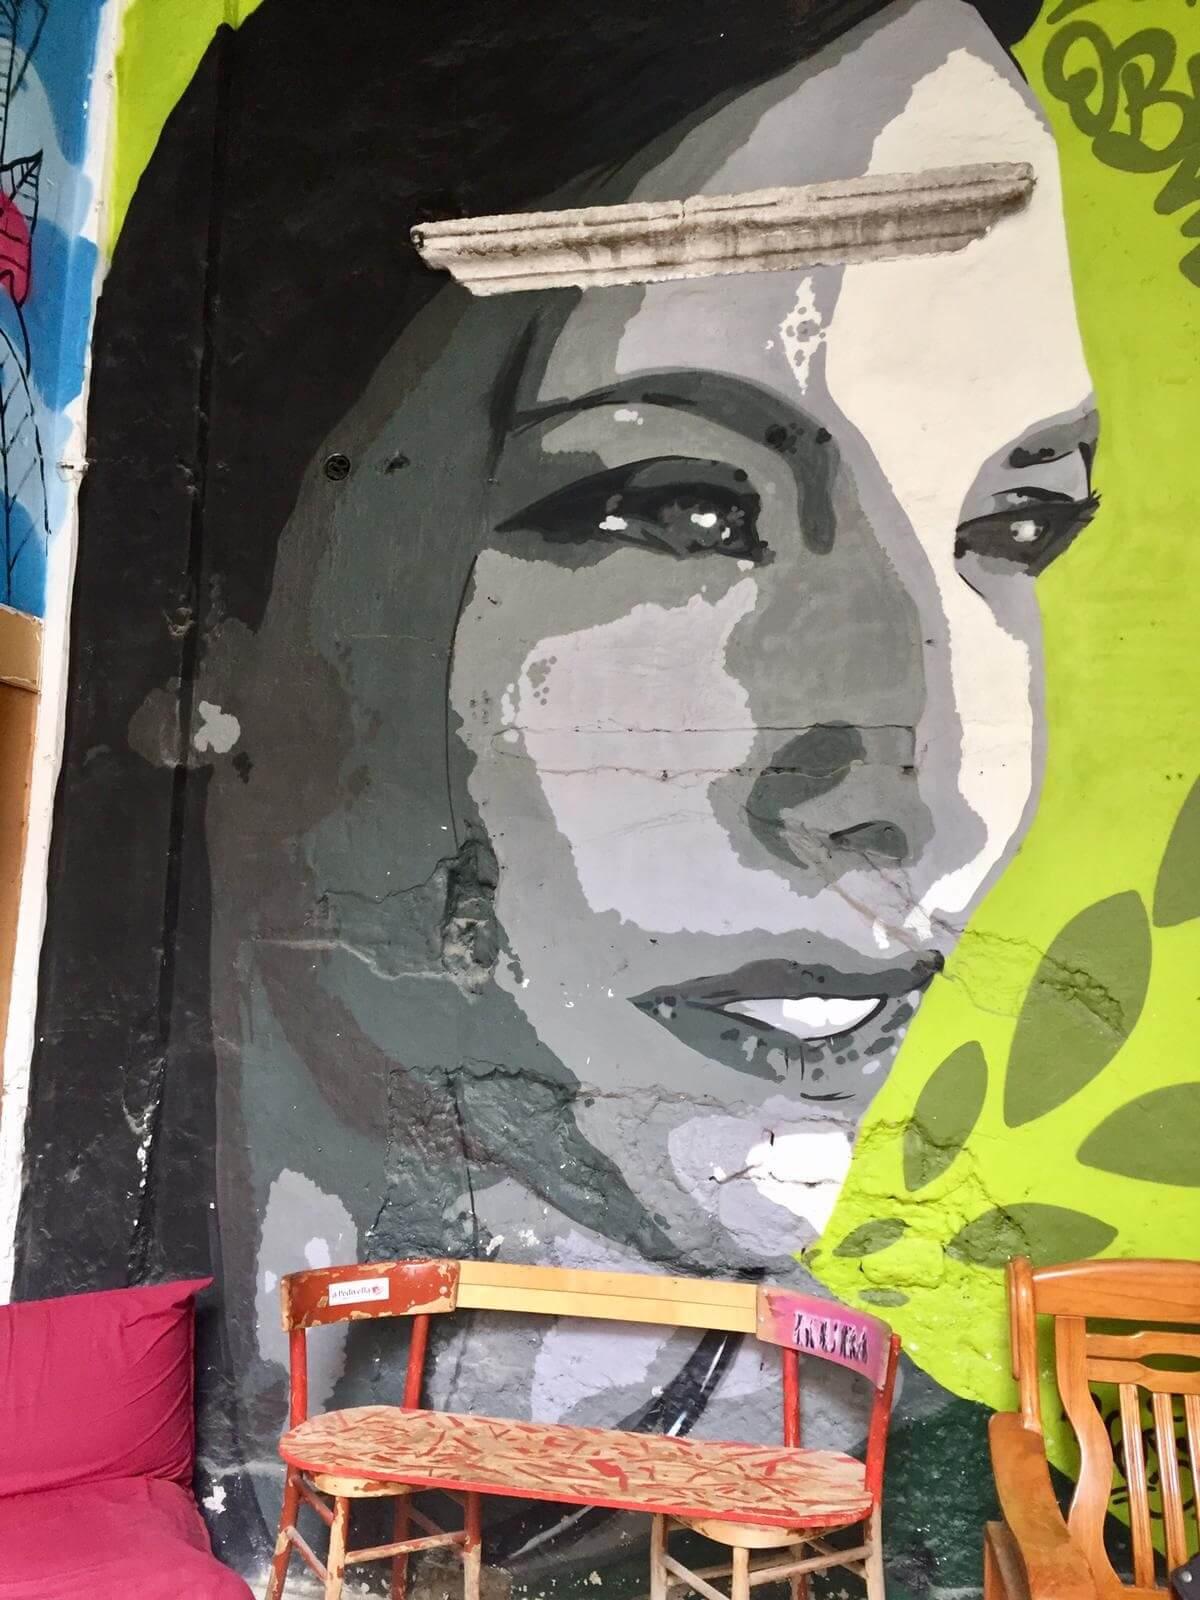 אמנות רחוב בנאפולי